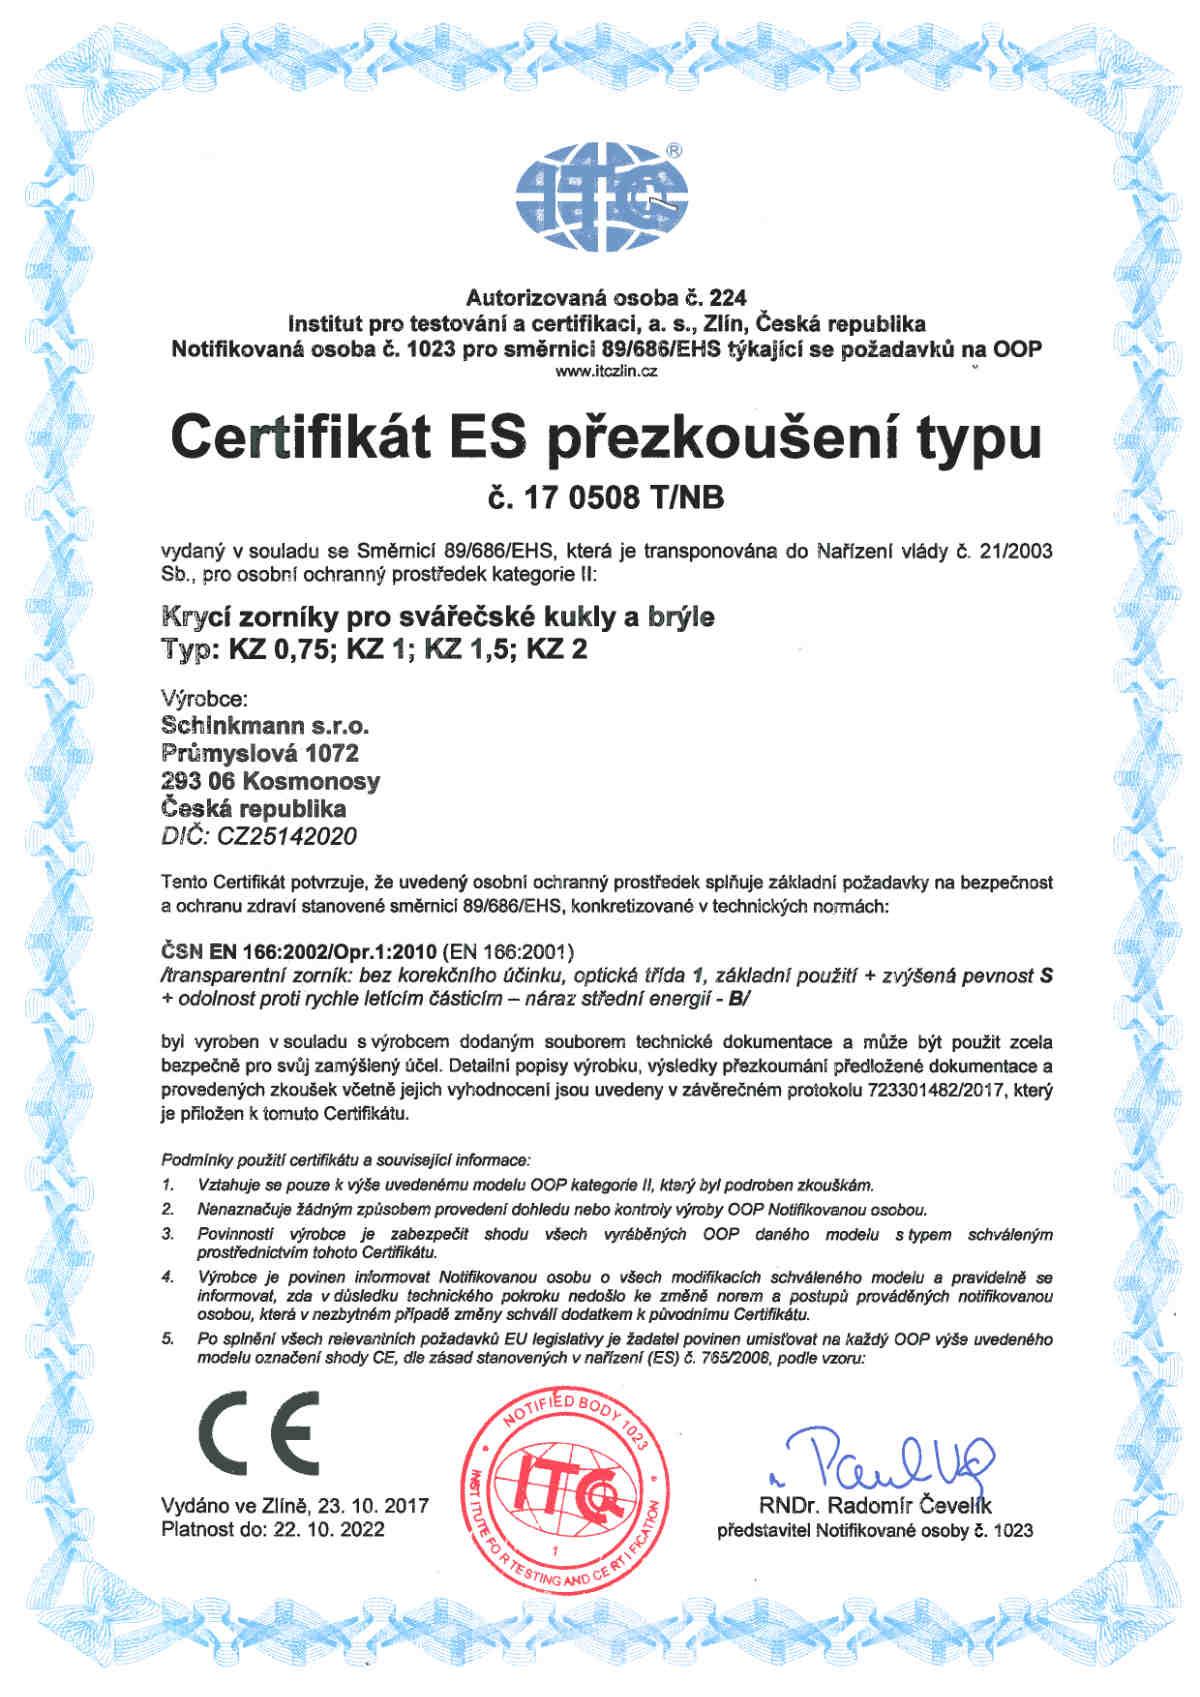 Certifikát ES přezkoušení typu v souladu se směrnicí 89_686_EHS